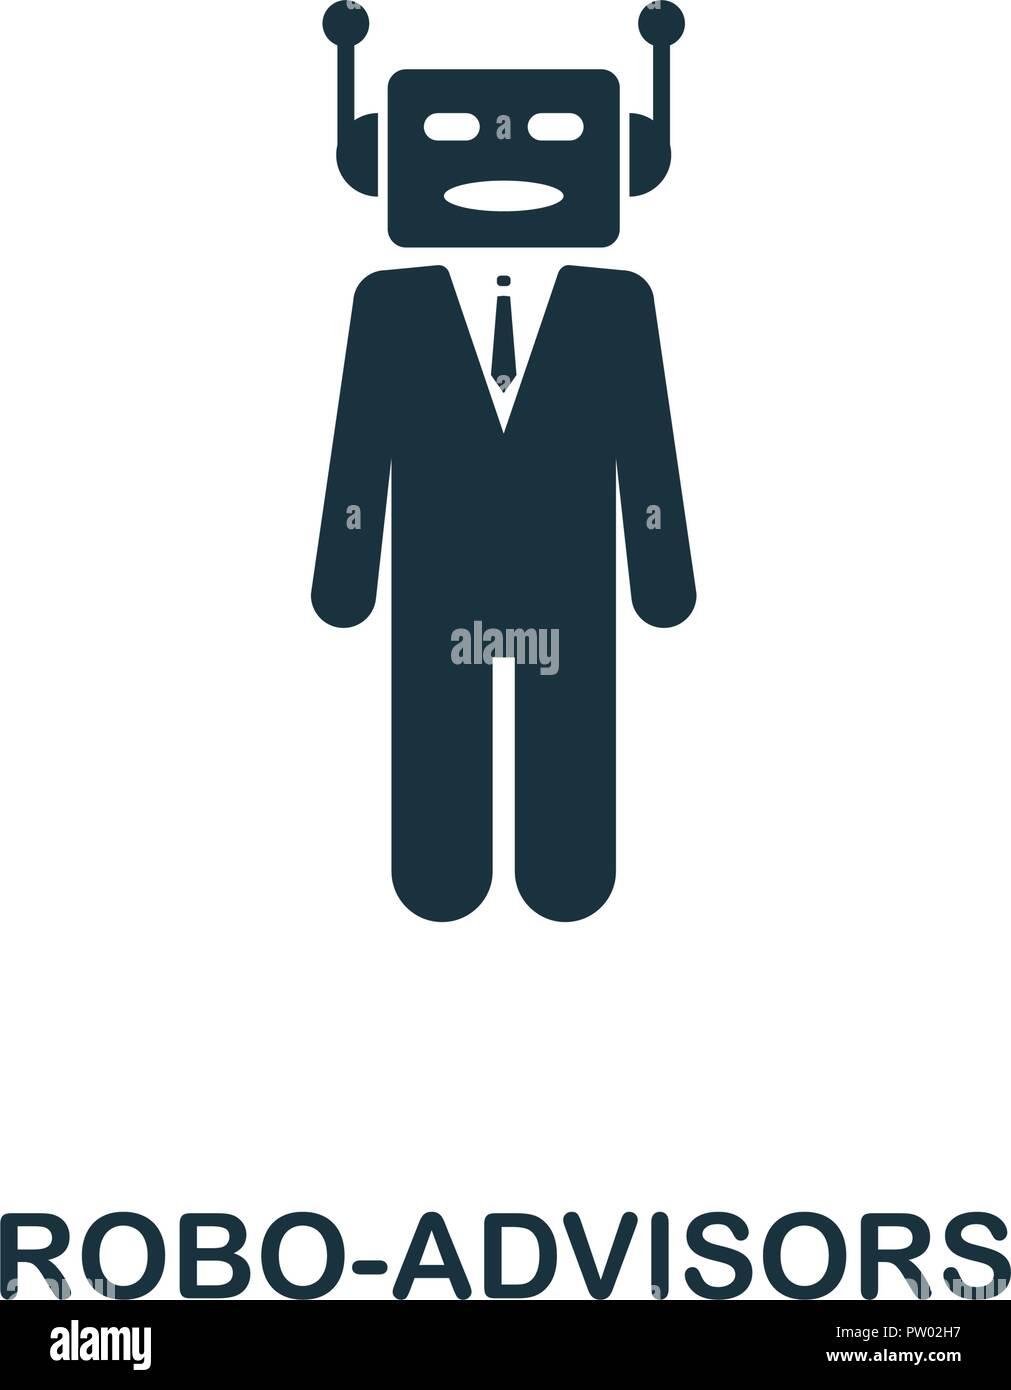 Robo-Advisors icône. Design style monochrome de fintech collection. UX et l'interface utilisateur. Jango jack robo-conseillers icône. Pour la conception web, applications, logiciels, prin Illustration de Vecteur